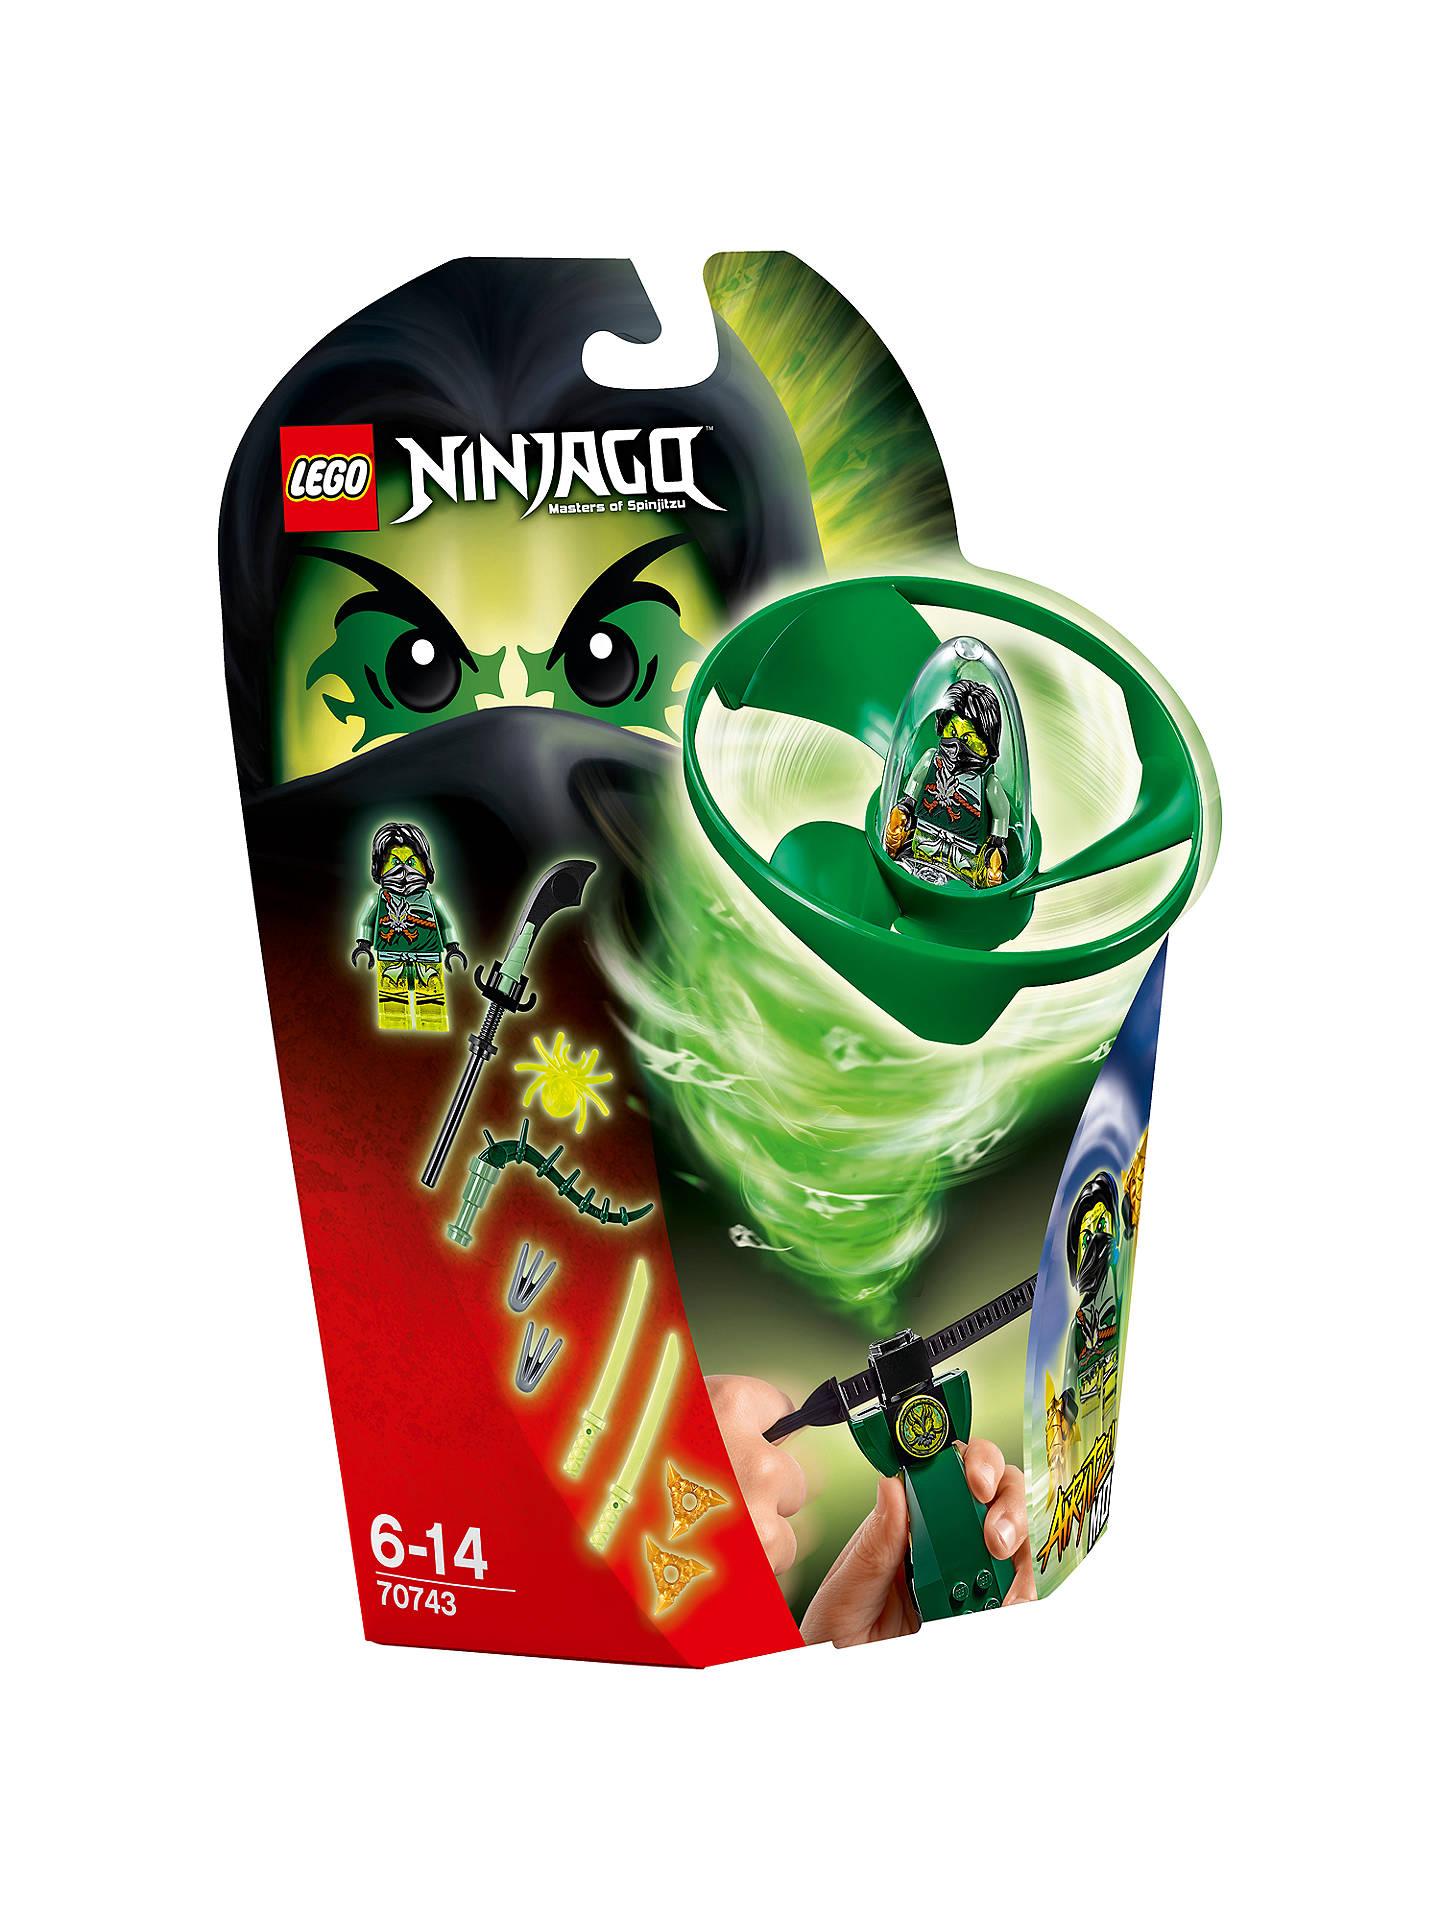 d43774eef09926 LEGO Ninjago 70743 Airjitzu Morro Flyer at John Lewis & Partners